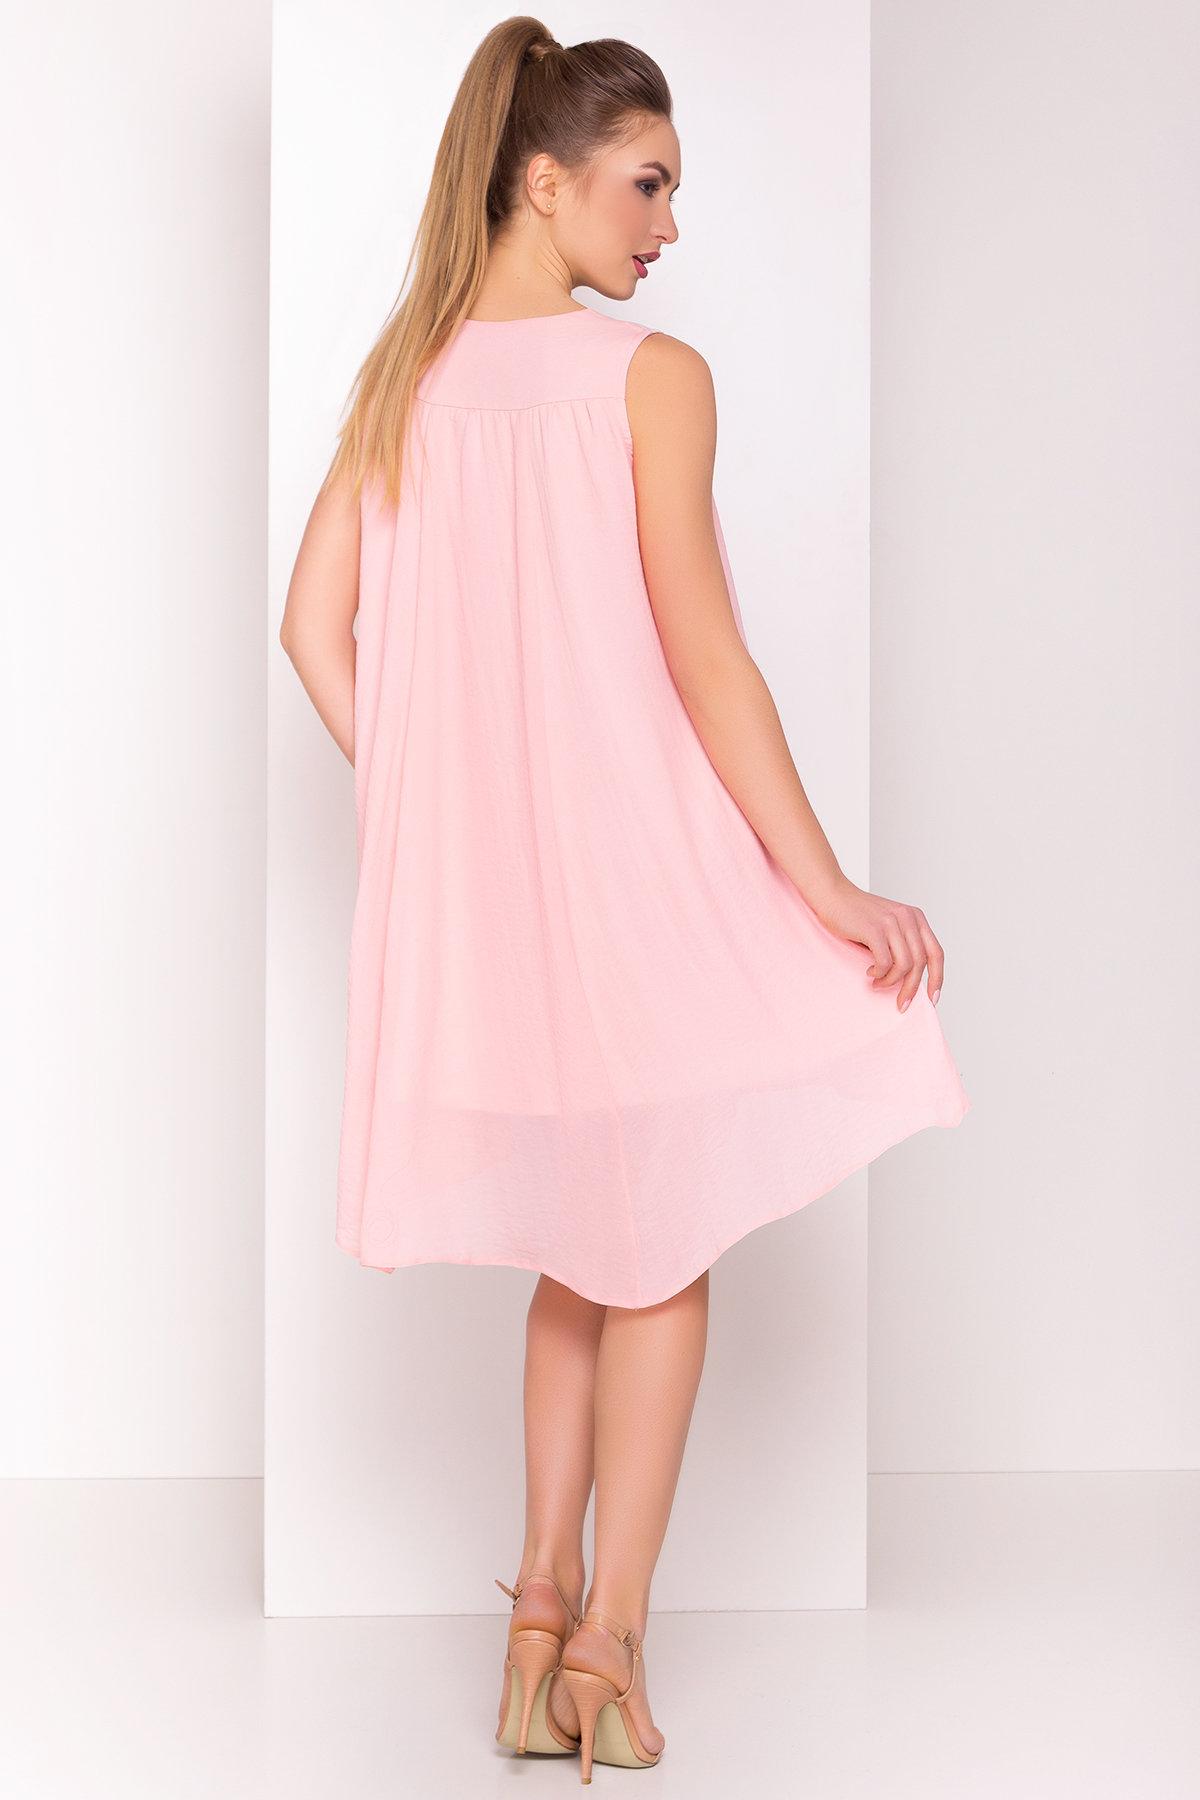 Платье Альбина 3110 АРТ. 33934 Цвет: Розовый Темный 1 - фото 3, интернет магазин tm-modus.ru